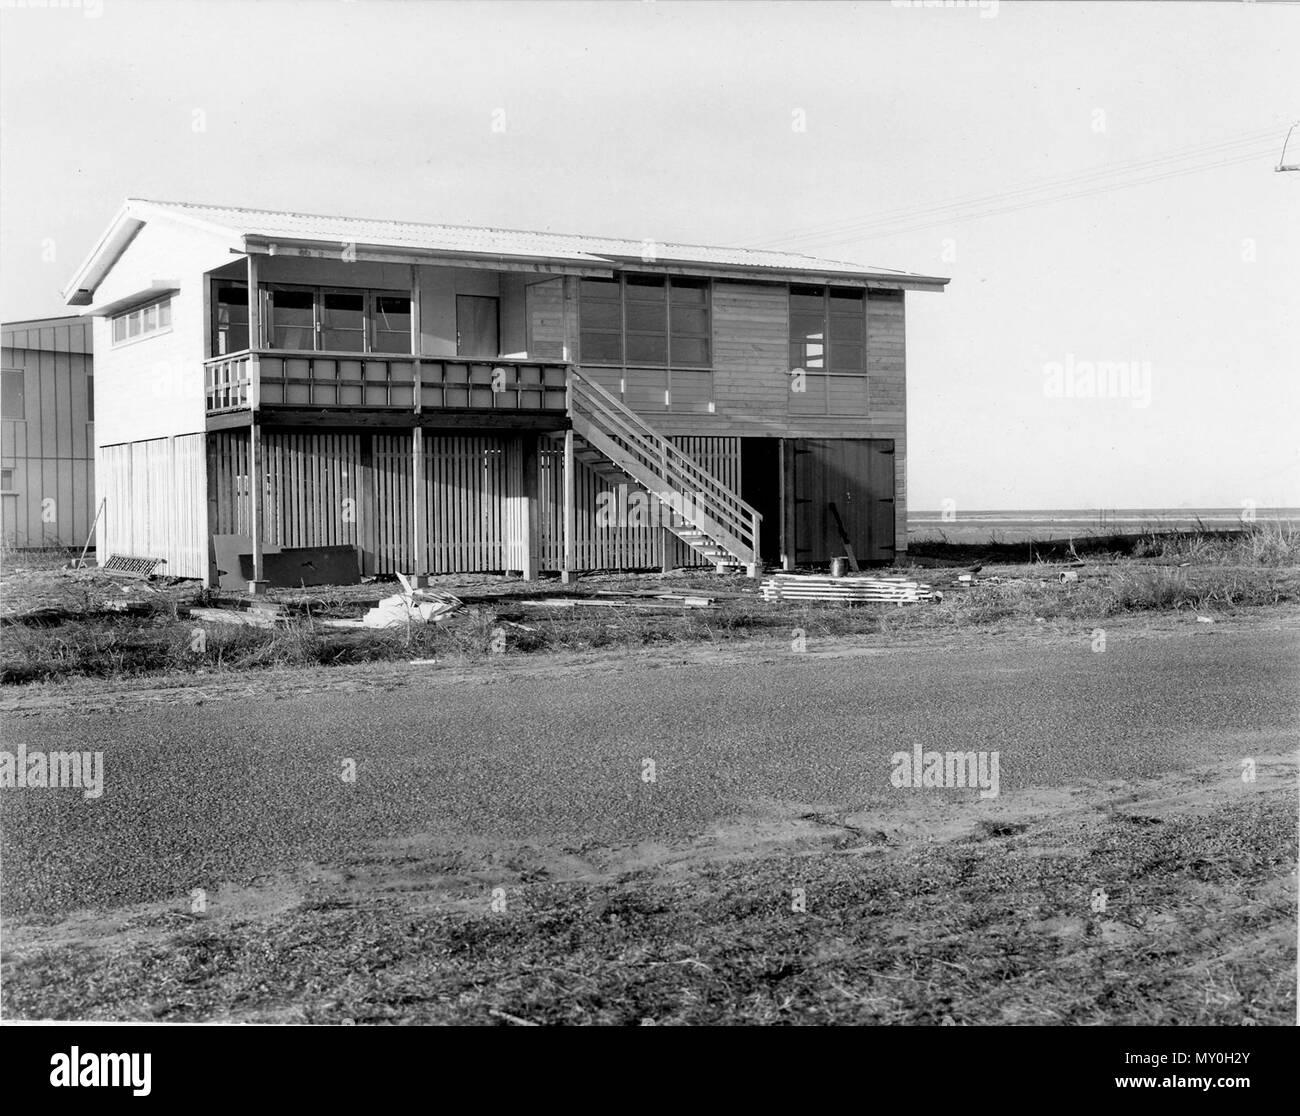 Maison du commissaire, à l'Est Mackay, juin 1968. L'une des nombreuses maisons construites dans la région de East Mackay pour les employés du gouvernement du Queensland à la fin des années 1960 Banque D'Images